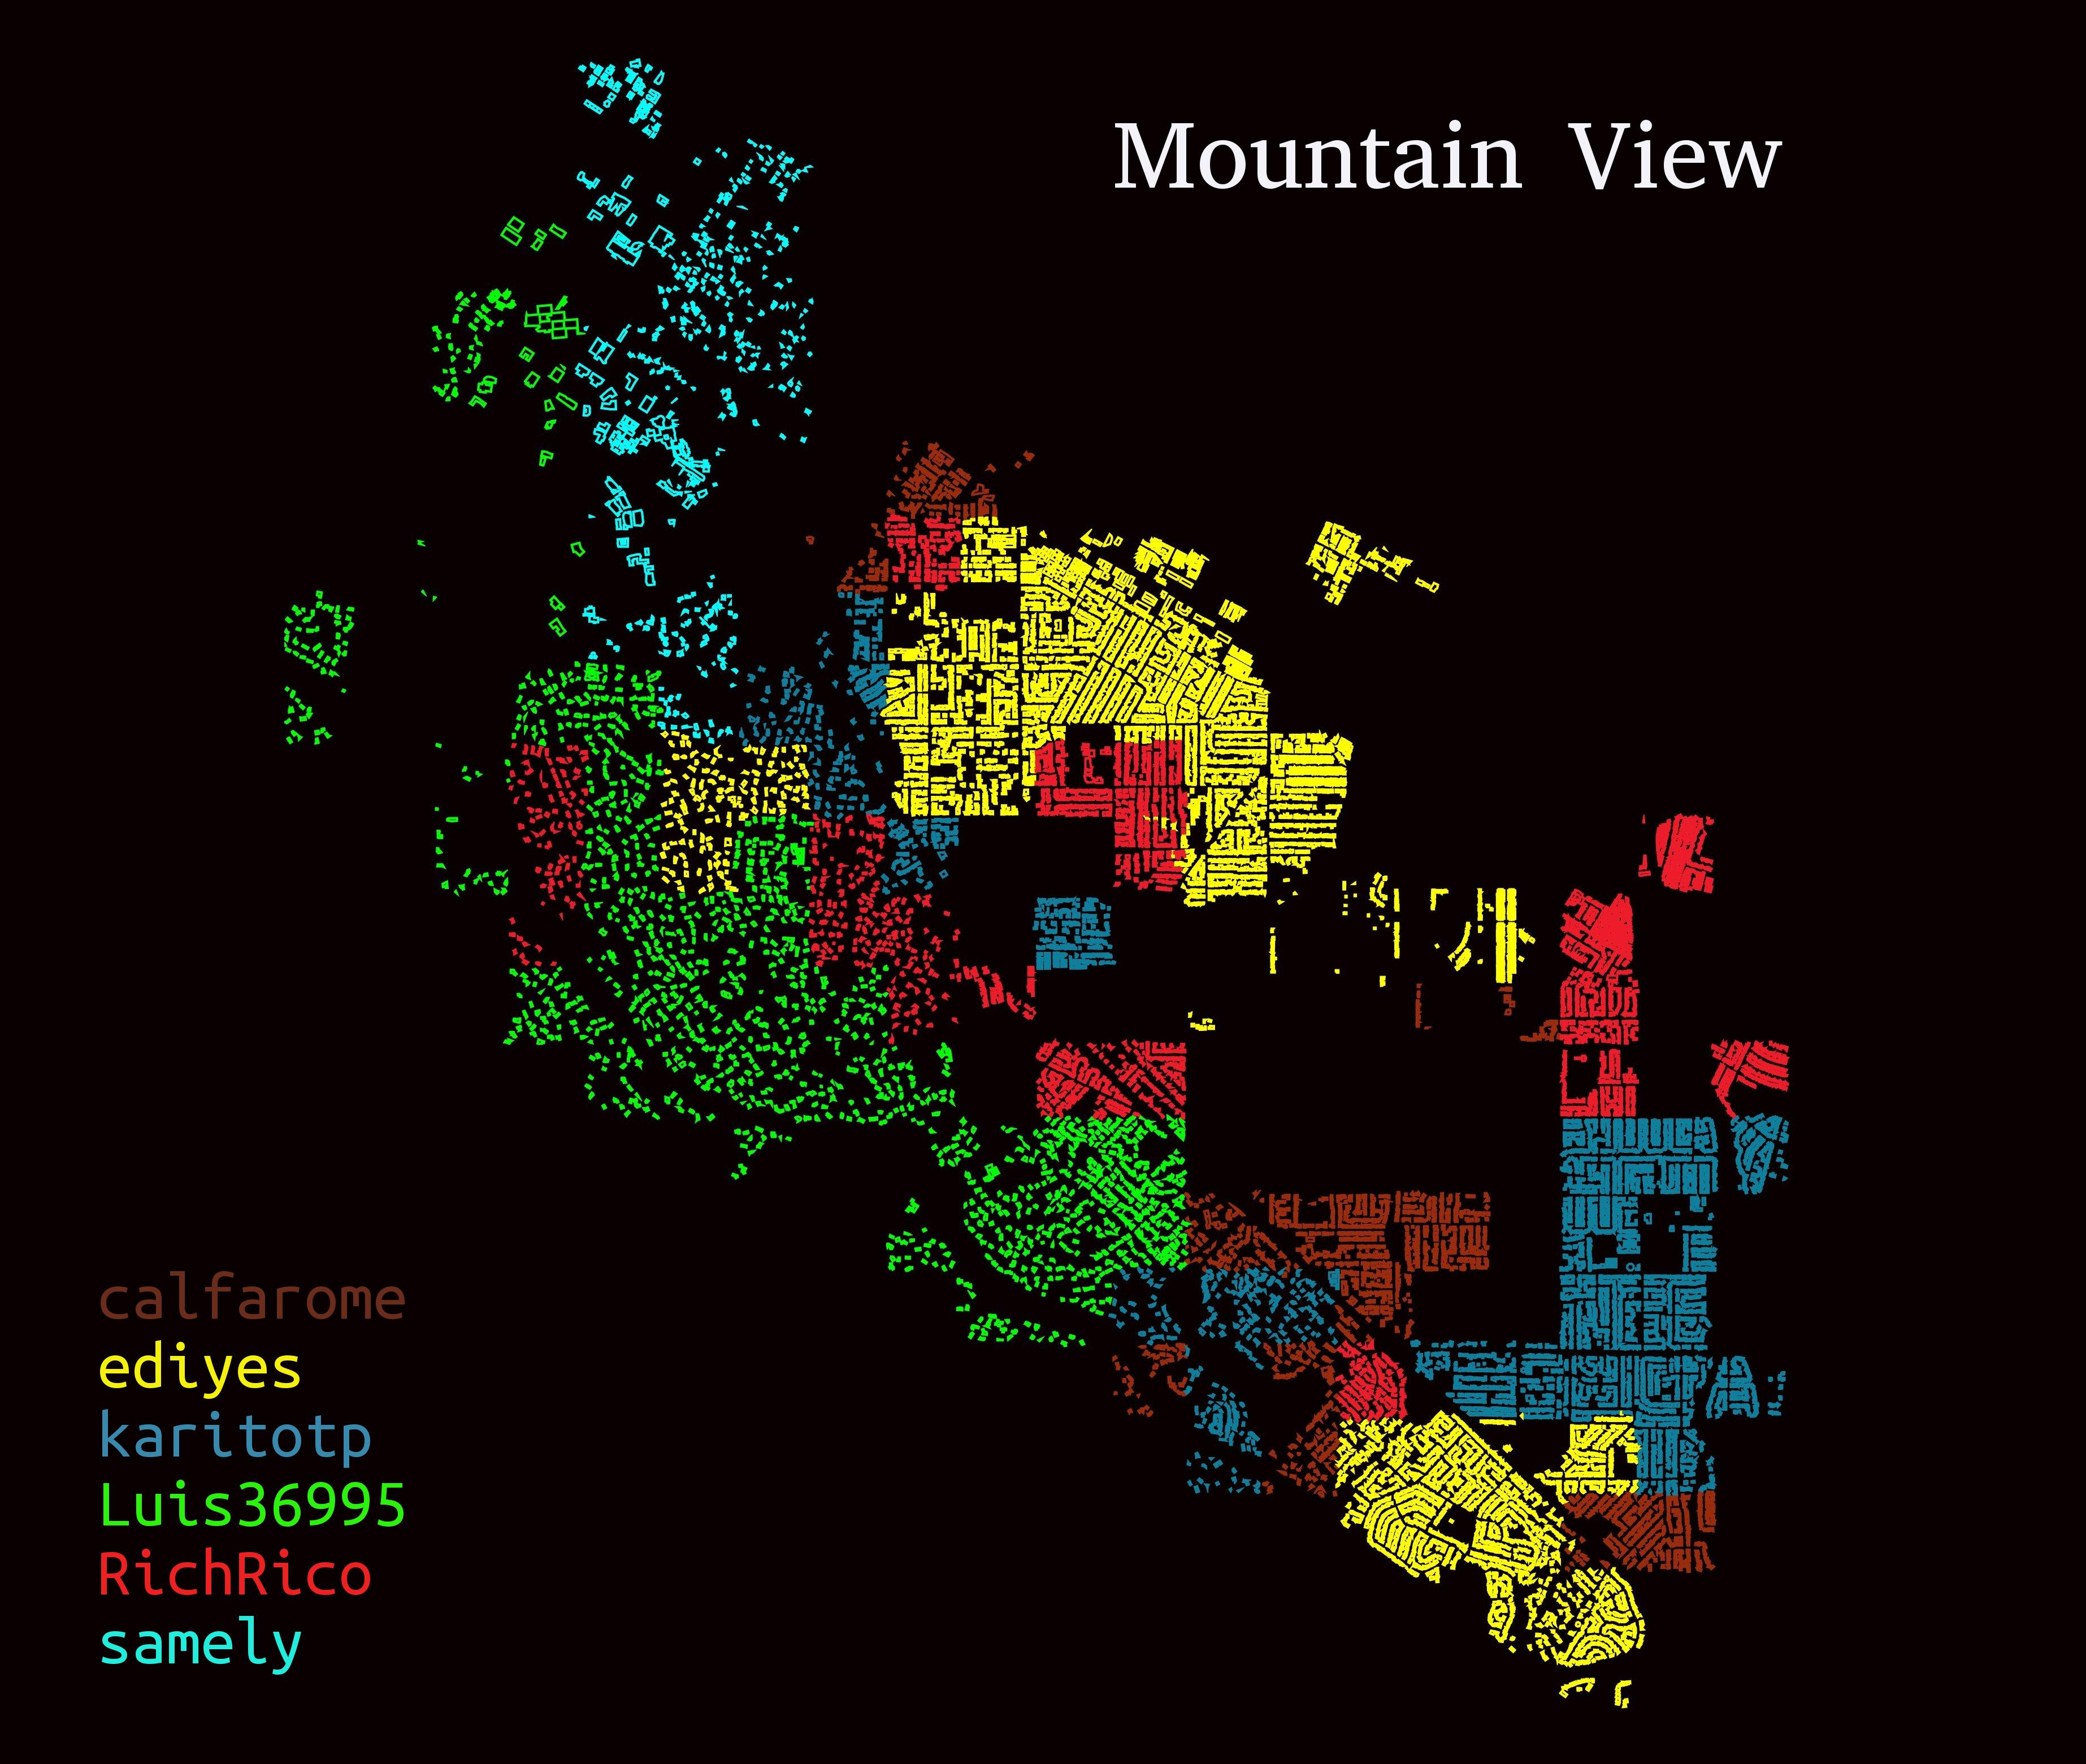 visualizacion mountain view